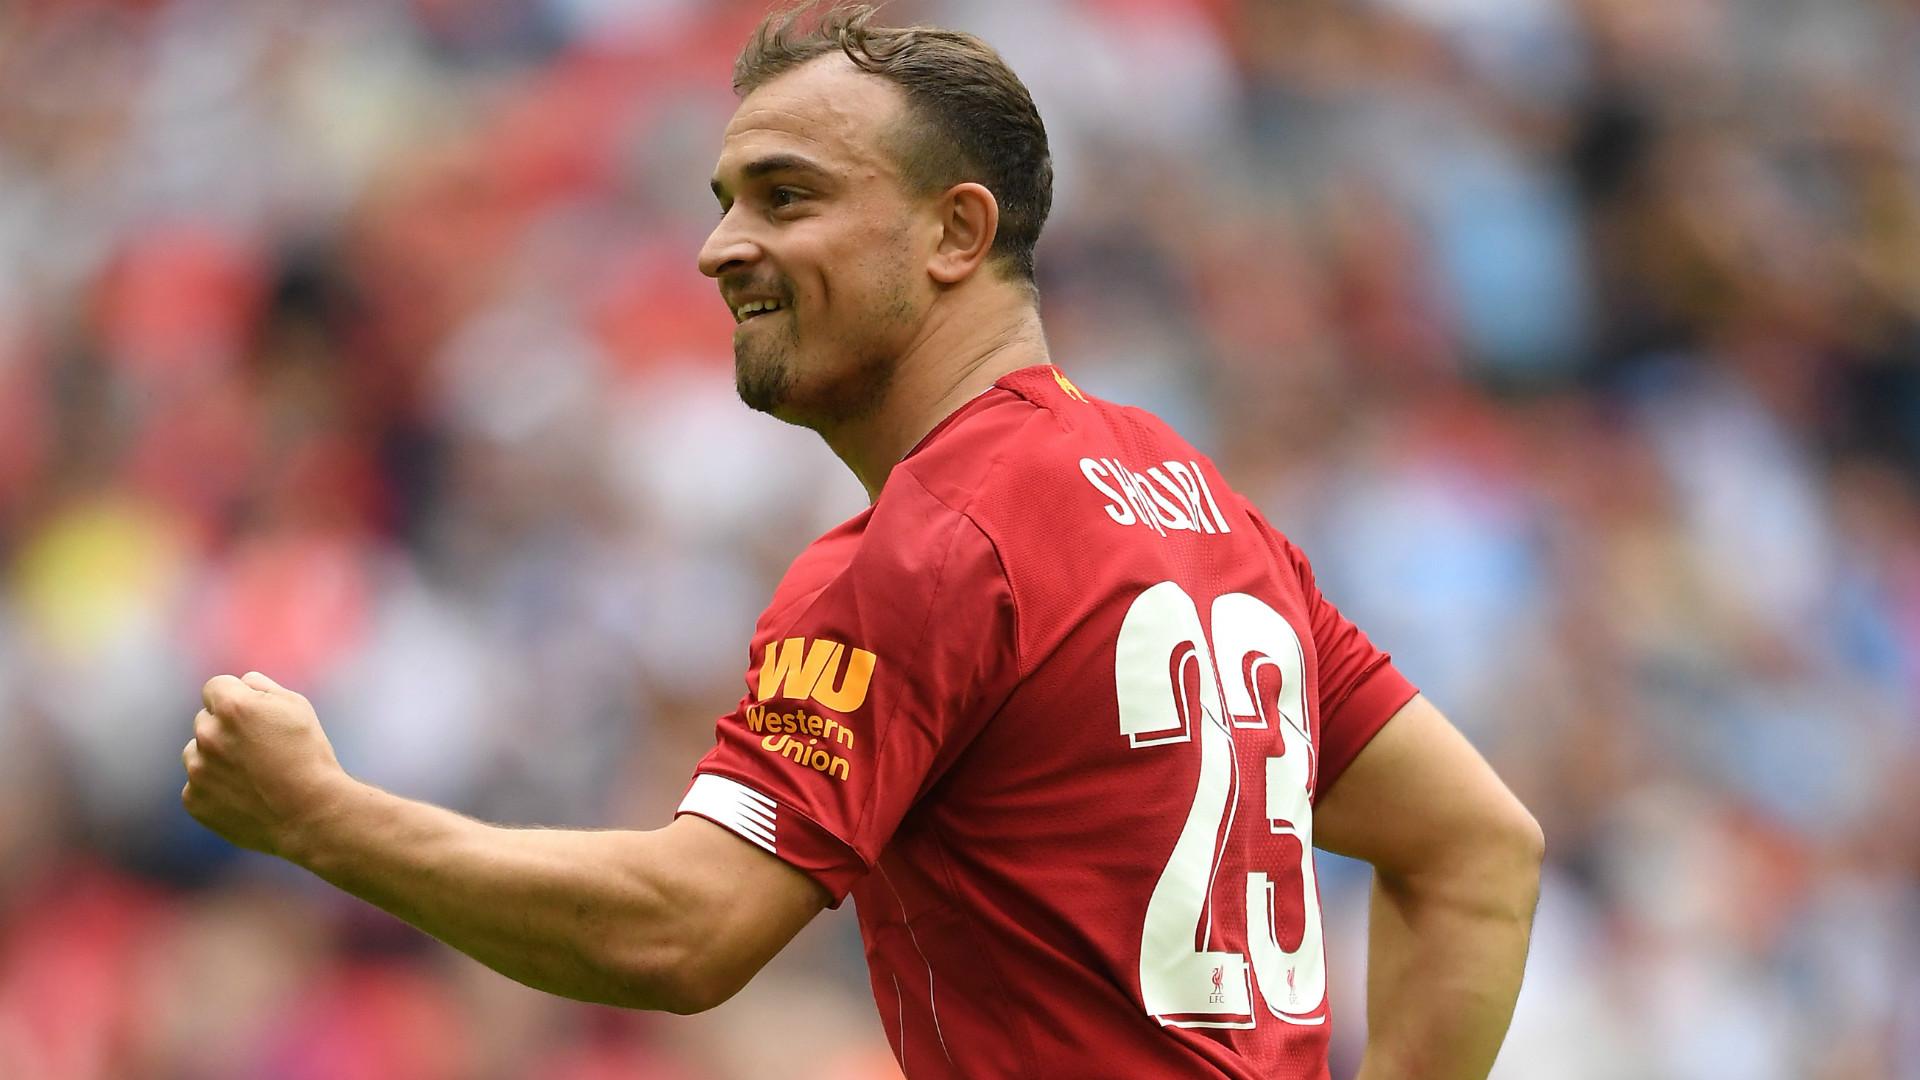 Liverpool Trainer Jurgen Klopp Beeindruckt Von Xherdan Shaqiri Seine Muskeln Sind Unglaublich Goal Com